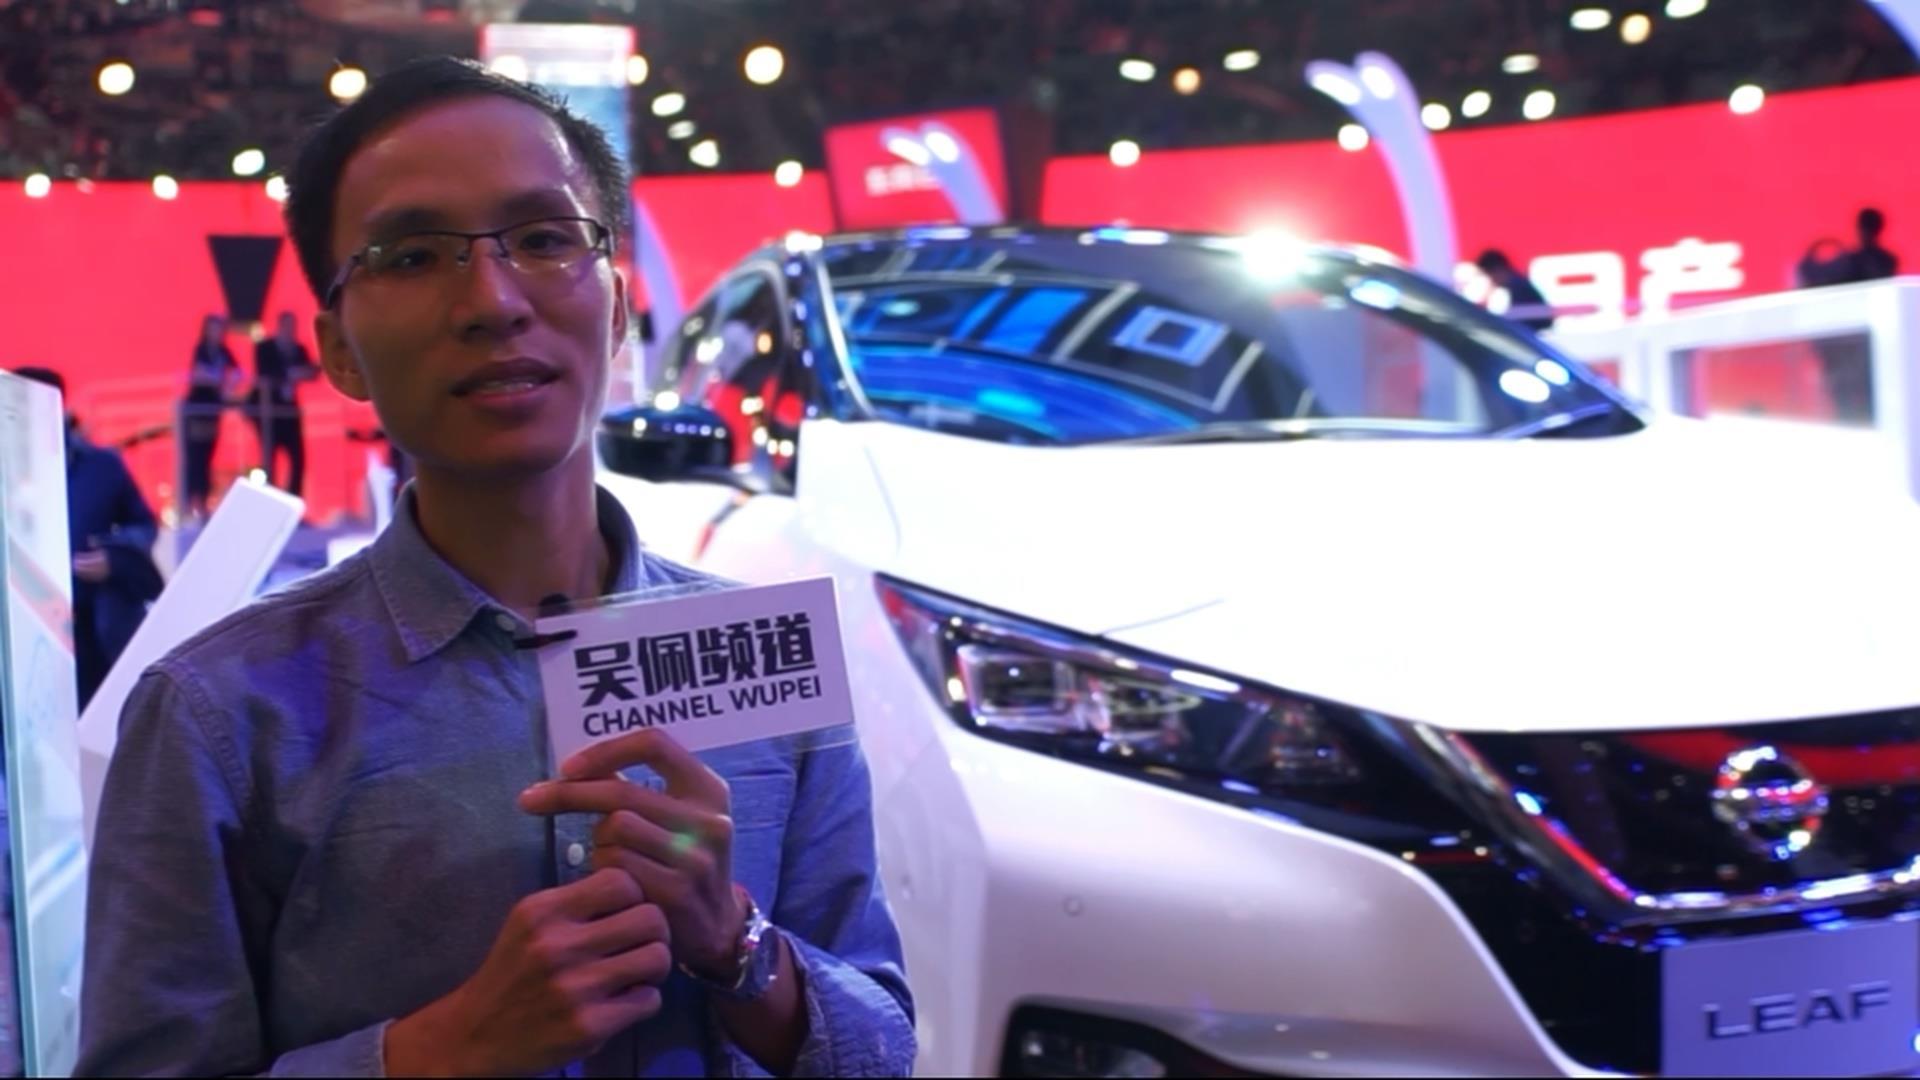 吴佩频道:广州车展零排放电动车型日产聆风首次亮相